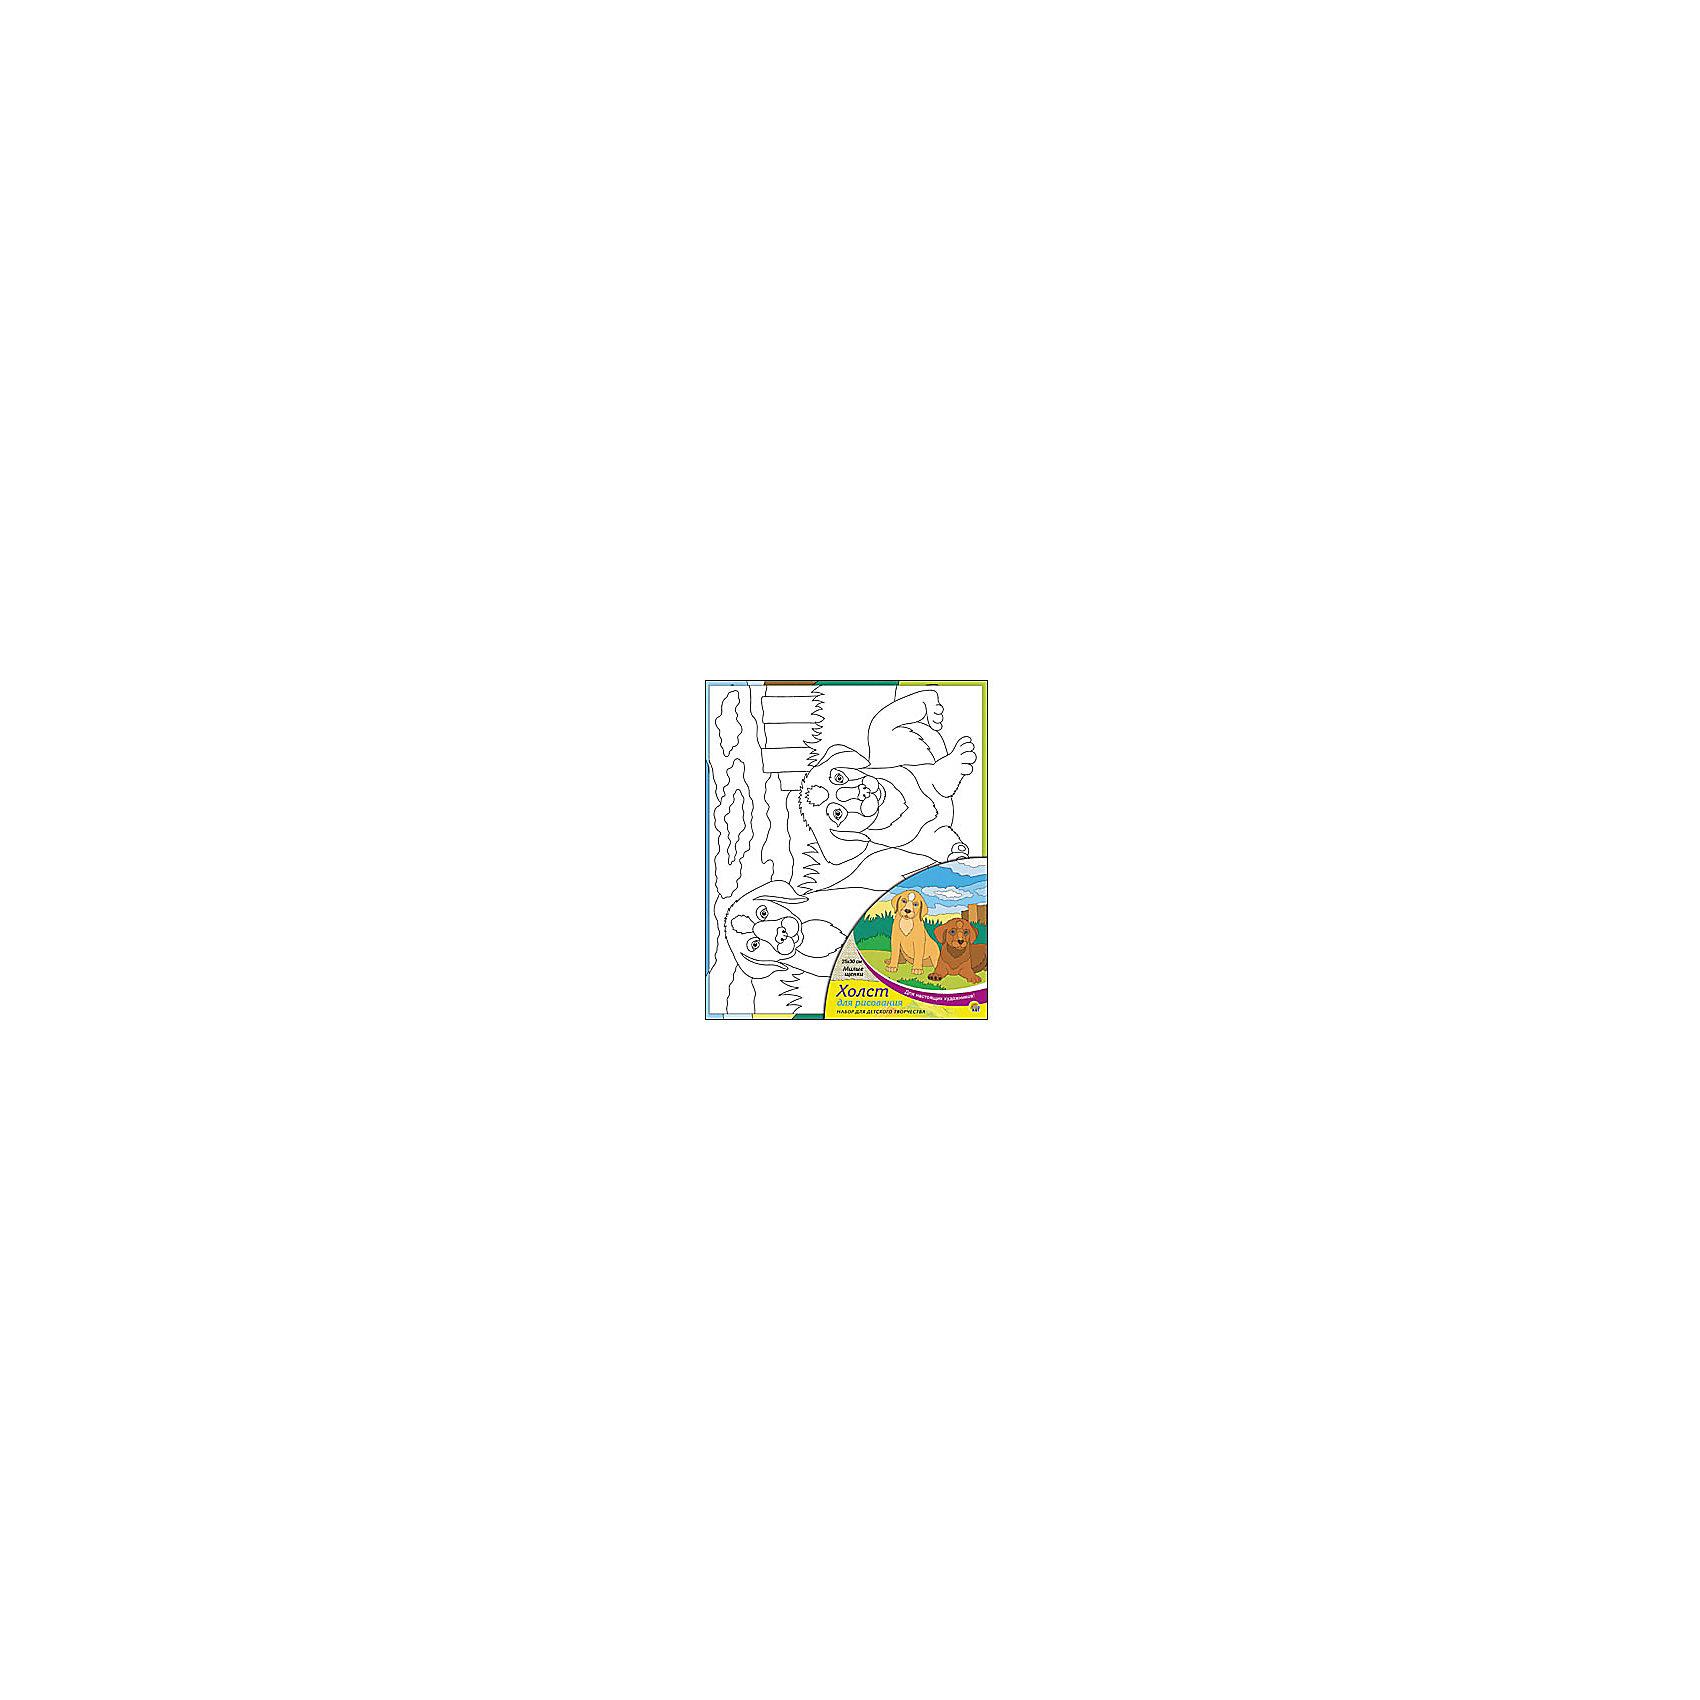 Холст с красками Милые щенки, 25х30 смРисование<br>Холст с красками Милые щенки поможет ребенку провести время с пользой и развить художественные навыки. Яркими красками он с удовольствием раскрасит эскиз на холсте и с гордостью сможет похвастаться родителям и друзьям!<br><br>Дополнительная информация:<br>В наборе: холст-эскиз, 7 акриловых красок, кисточка<br>Размер: 25х1,5х30 см<br>Вес: 250 грамм<br>Вы можете приобрести холст с красками Милые щенки в нашем интернет-магазине.<br><br>Ширина мм: 300<br>Глубина мм: 15<br>Высота мм: 250<br>Вес г: 250<br>Возраст от месяцев: 36<br>Возраст до месяцев: 120<br>Пол: Унисекс<br>Возраст: Детский<br>SKU: 4939541